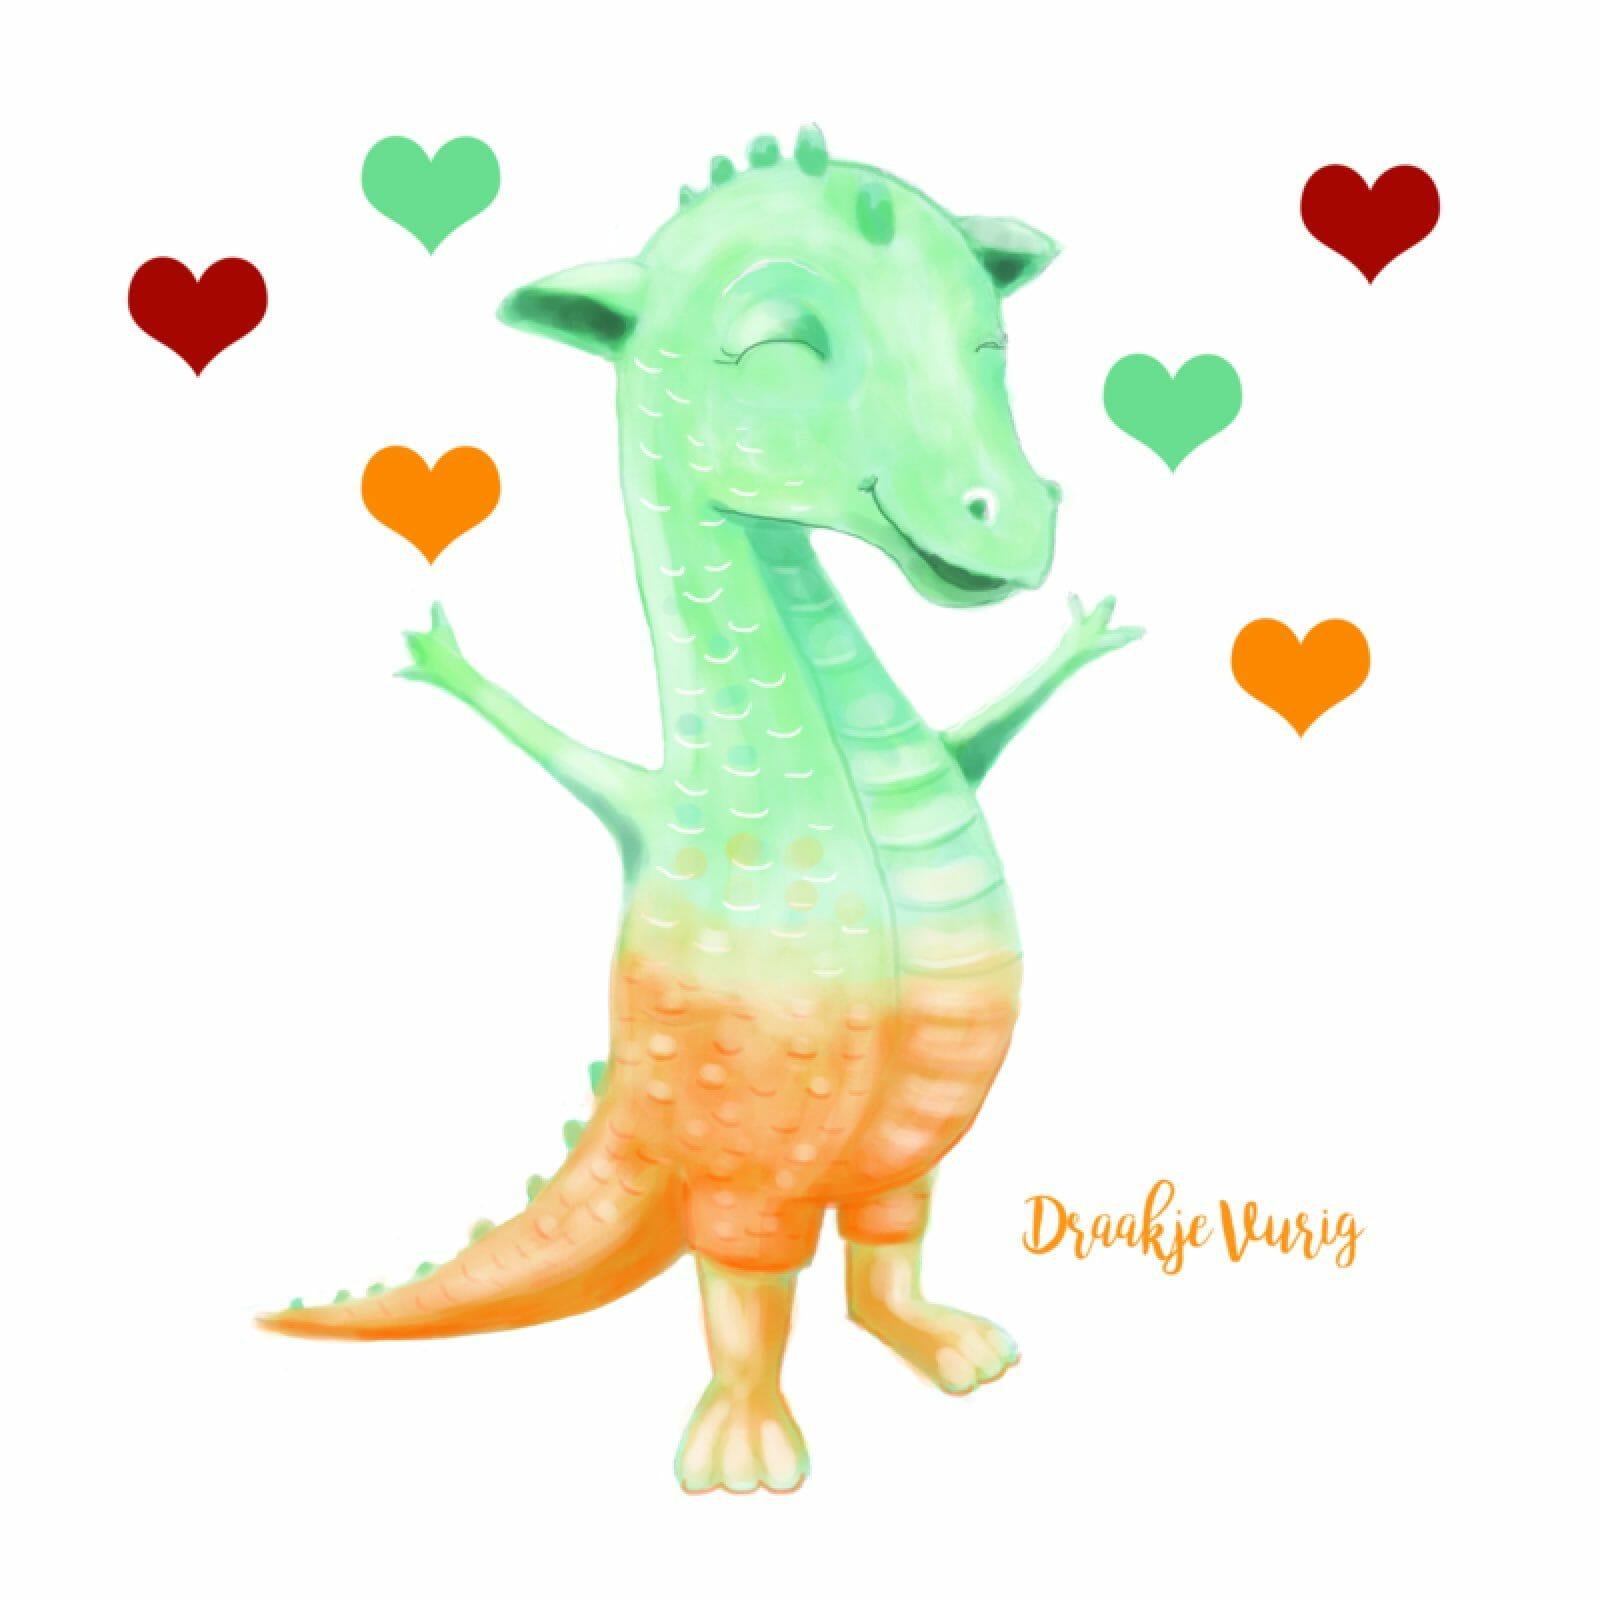 draakje-vurig-boekentip-hooggevoelig-heel-gewoon